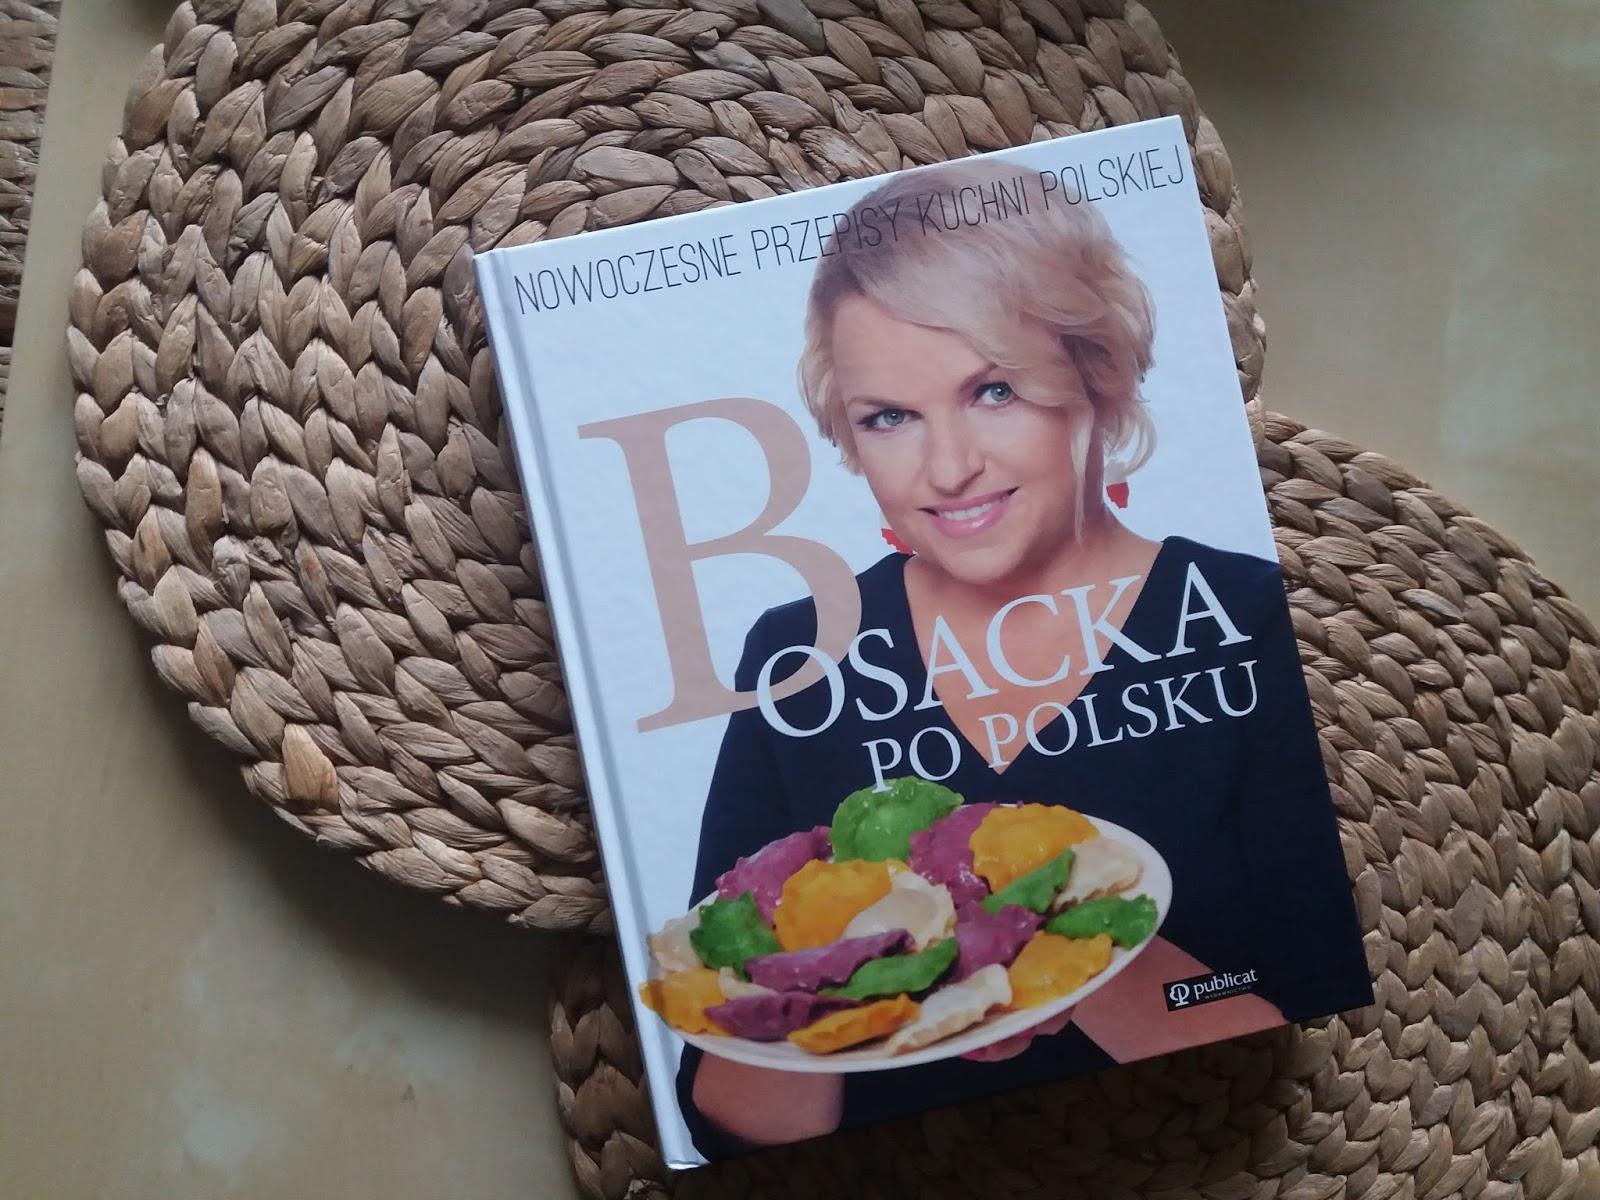 Zielona Kuchnia Zdrowia Bosacka Po Polsku